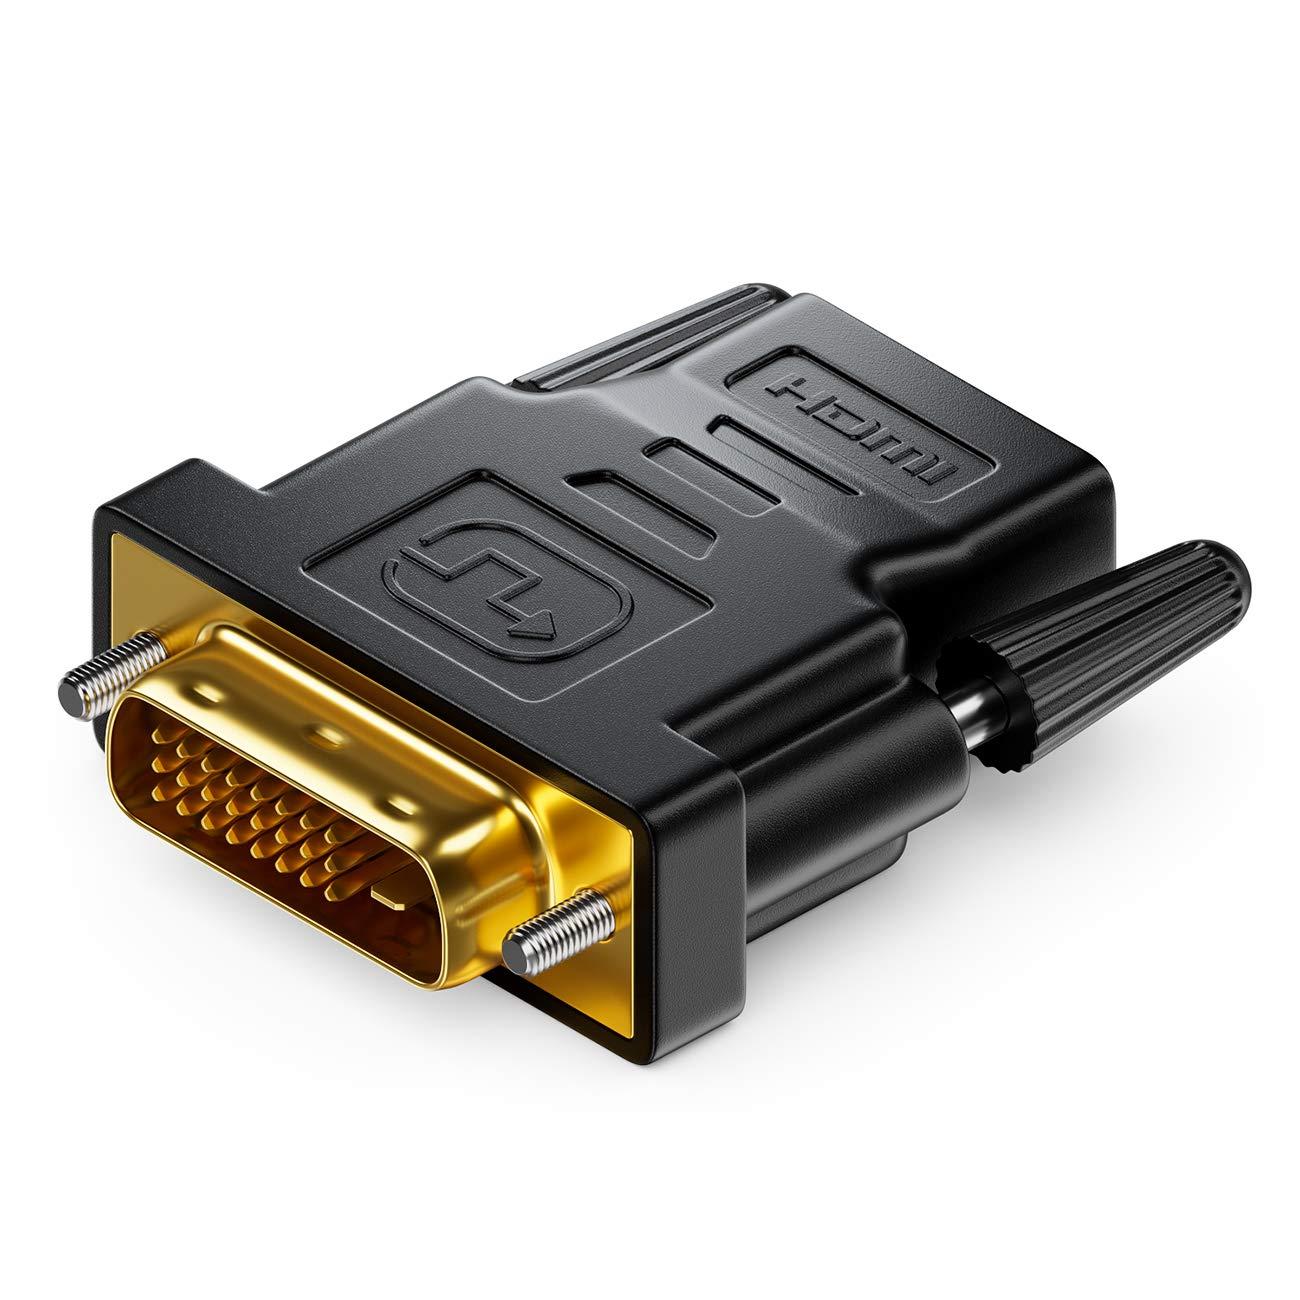 1080p Full HD 1920x1200 HDMI Femelle vers Connecteur DVI-D M/âle 24+1 deleyCON Adaptateur HDMI-DVI Noir 19pol